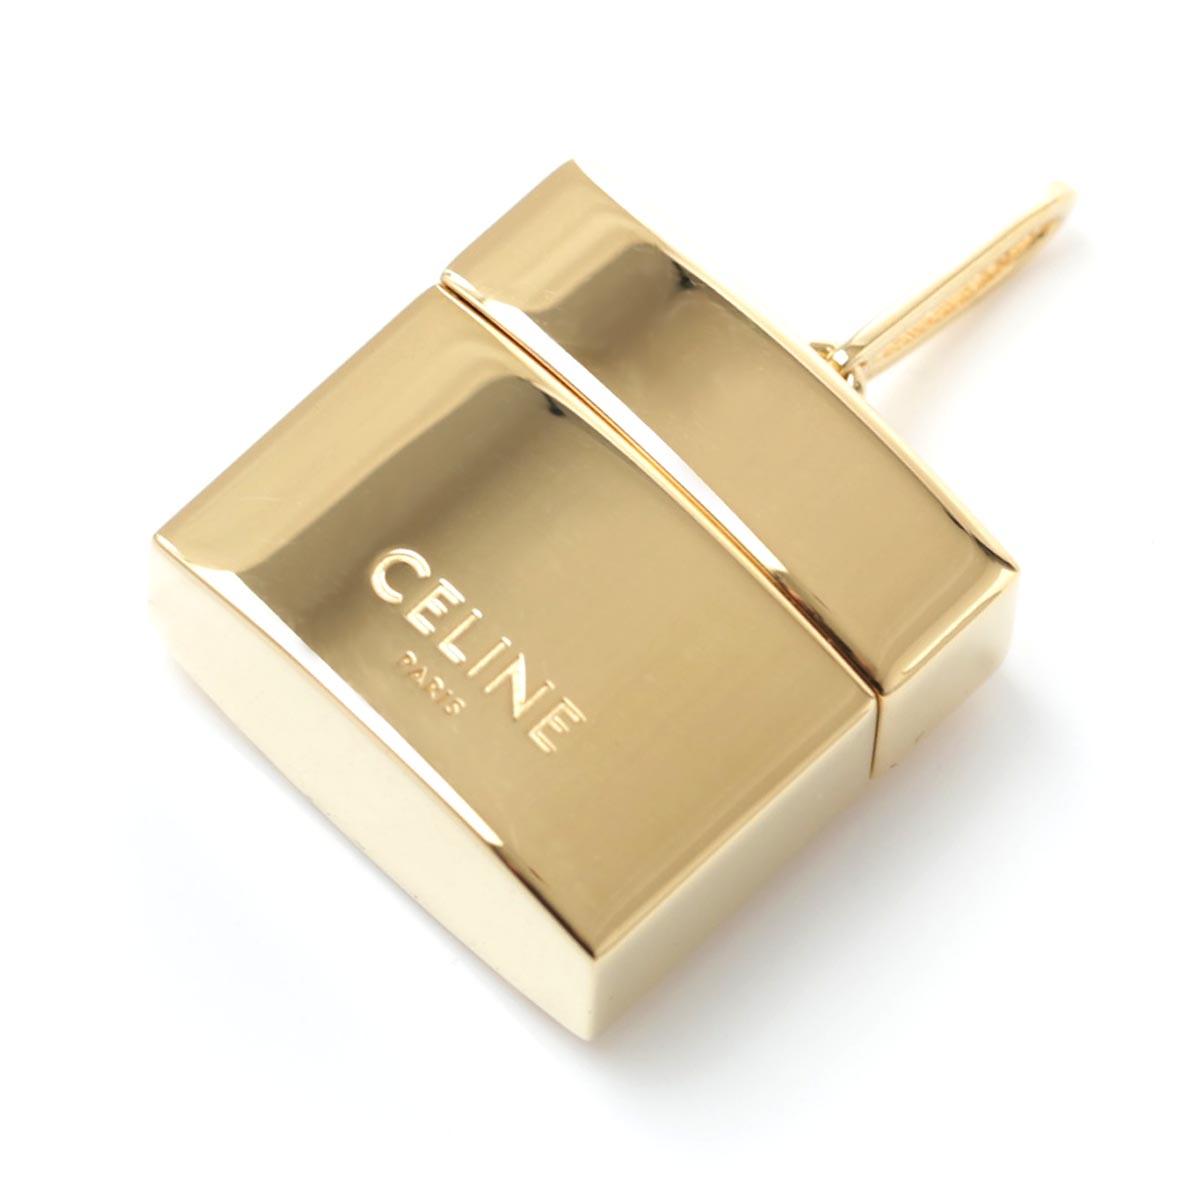 セリーヌ CELINE ペンダントトップ ゴールド レディース ギフト プレゼント 46s45 6bsl 35or Box【あす楽対応_関東】【返品送料無料】【ラッピング無料】